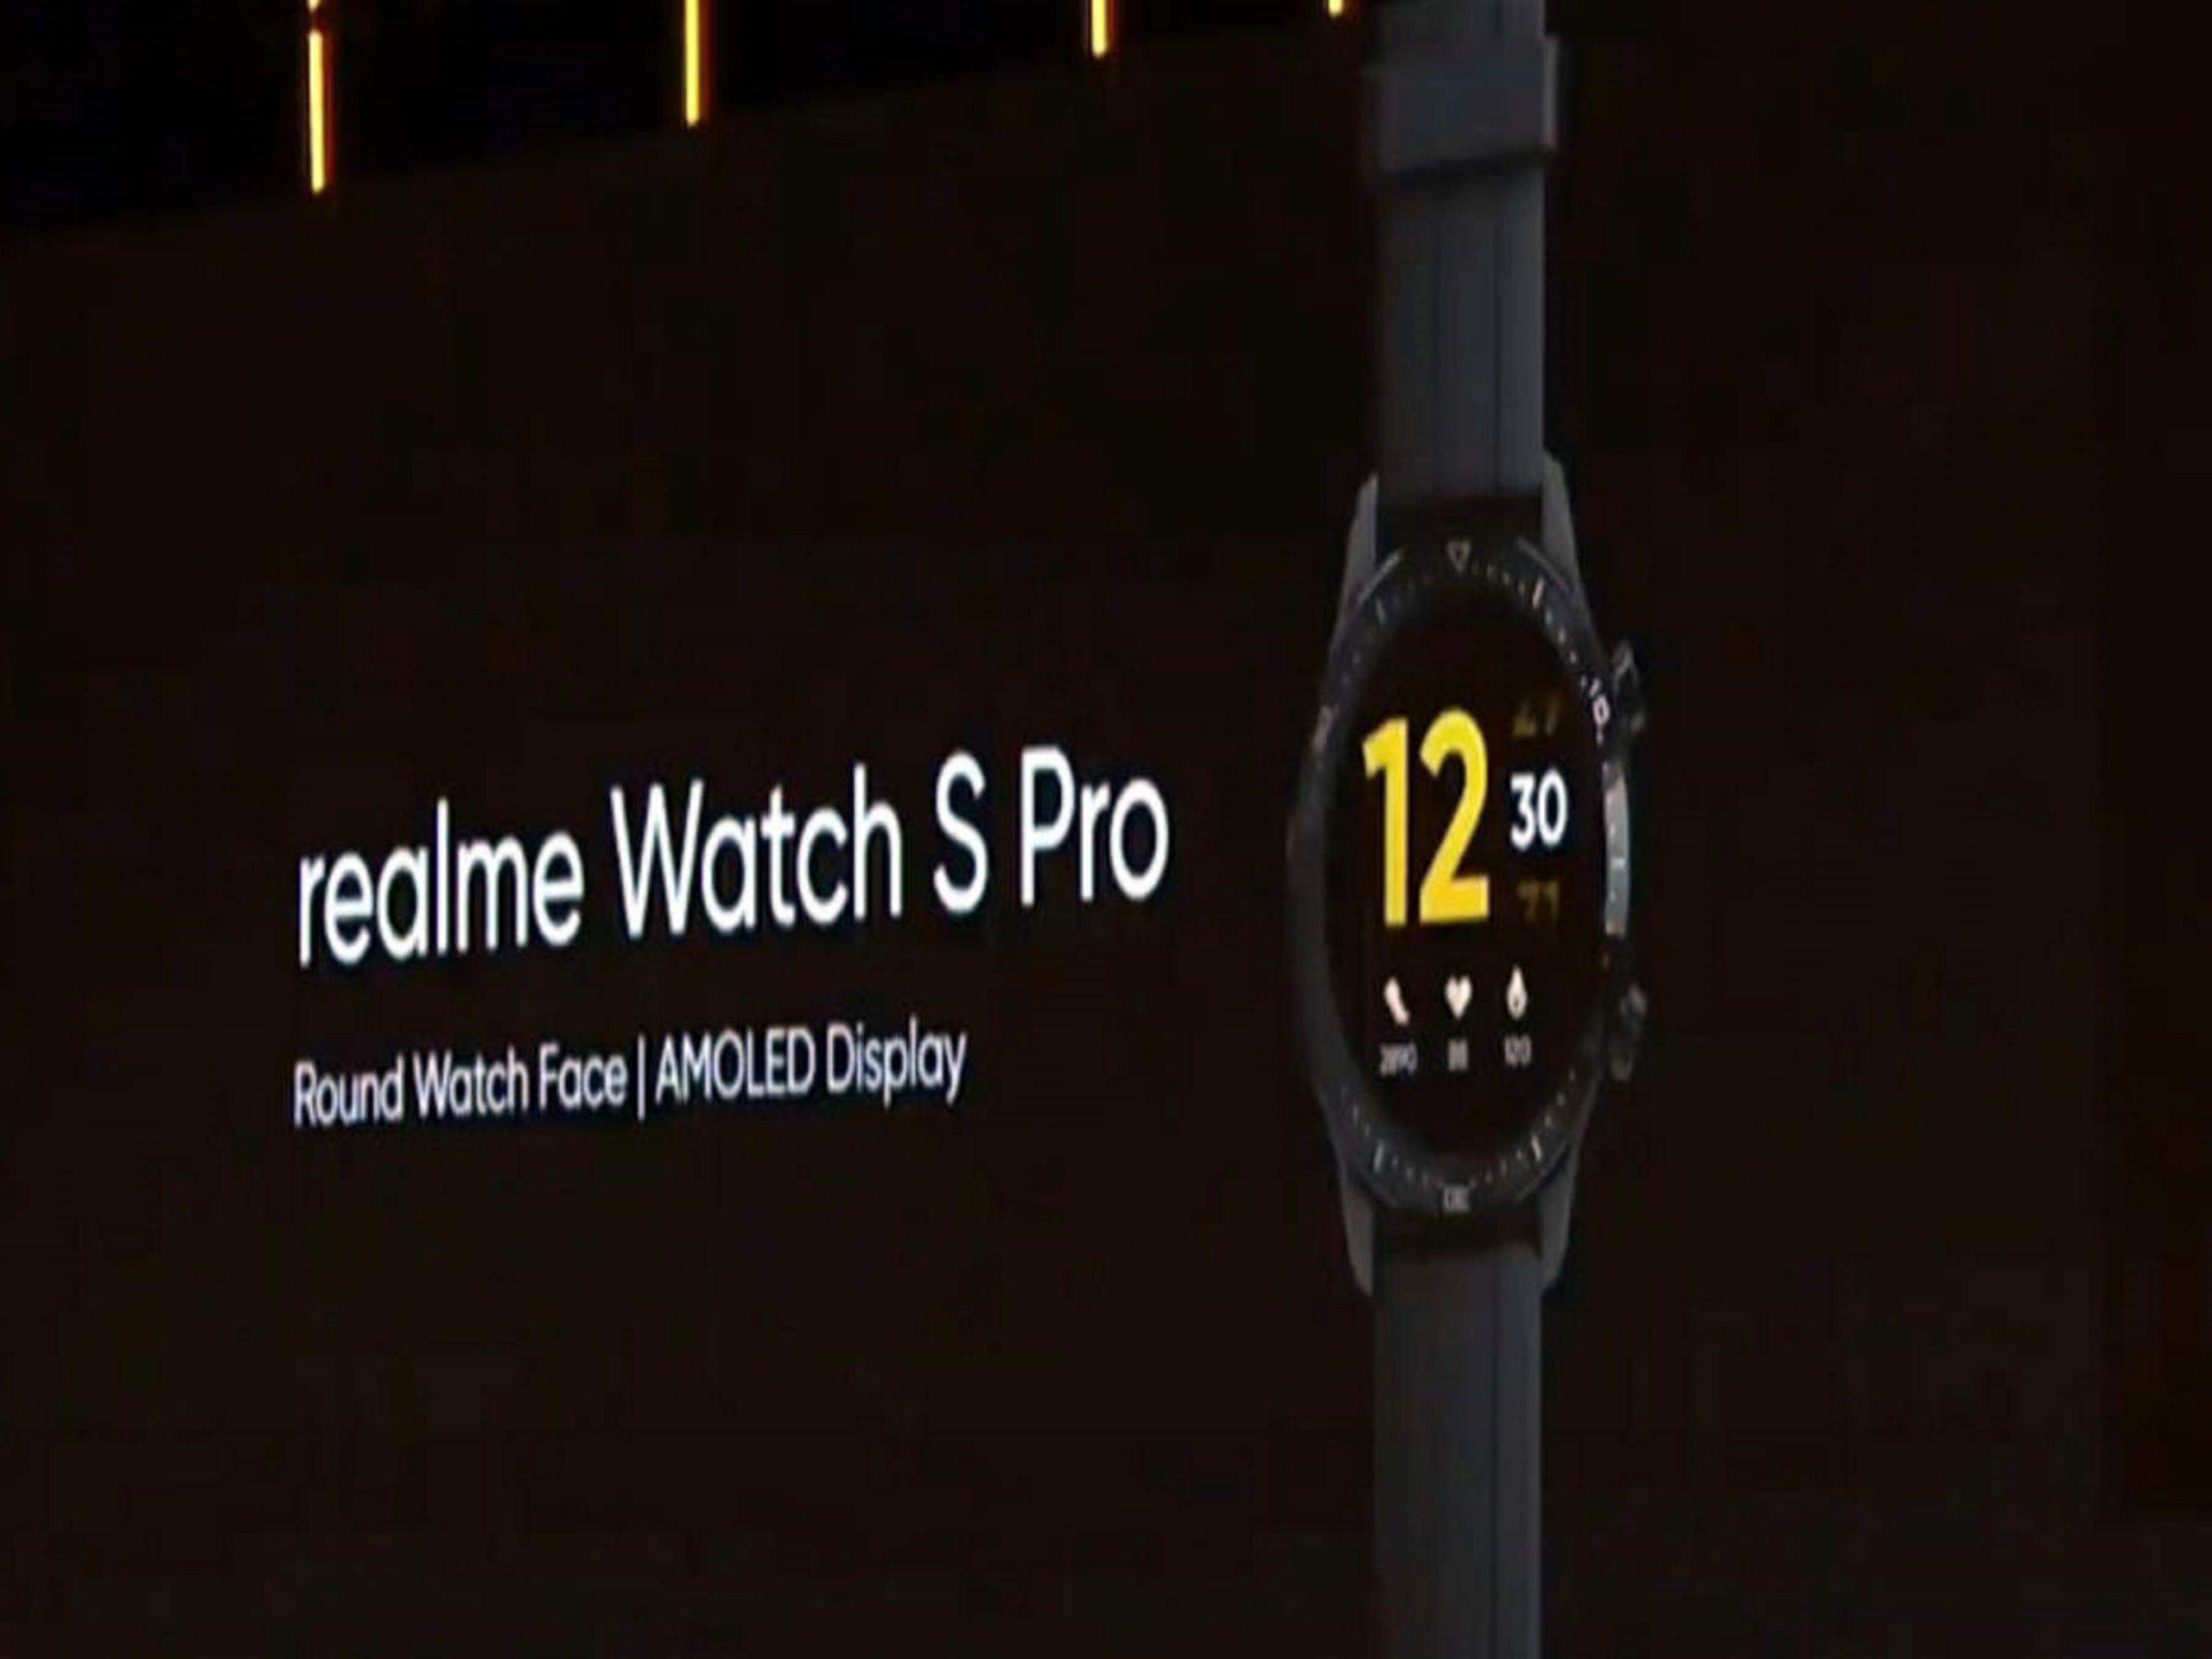 Hodinky Realme Watch S Pro se představí co nevidět